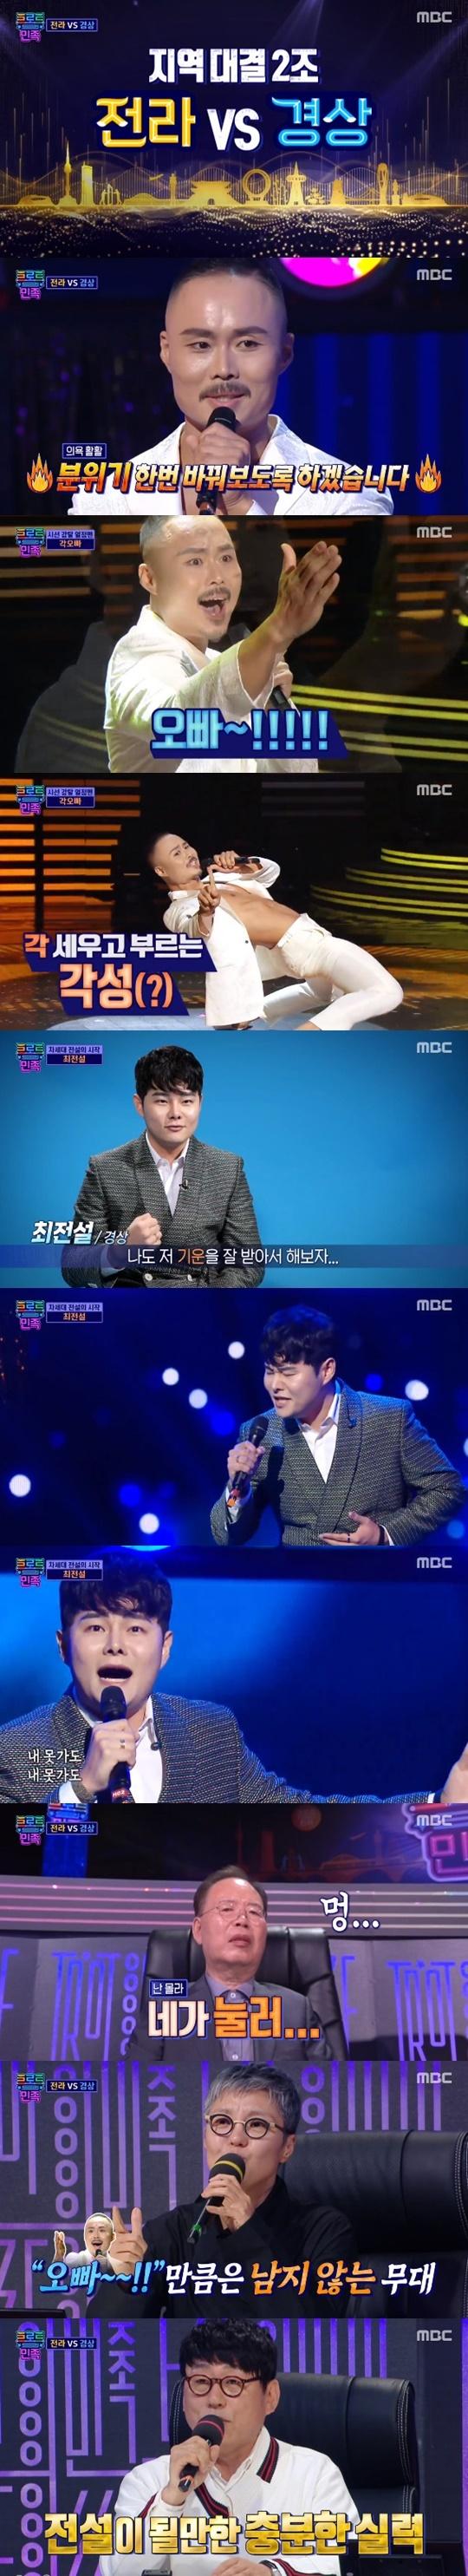 [RE:TV] '트로트의 민족' 전라 각오빠 vs 경상 최전설, 시선 강탈 무대로 열기↑